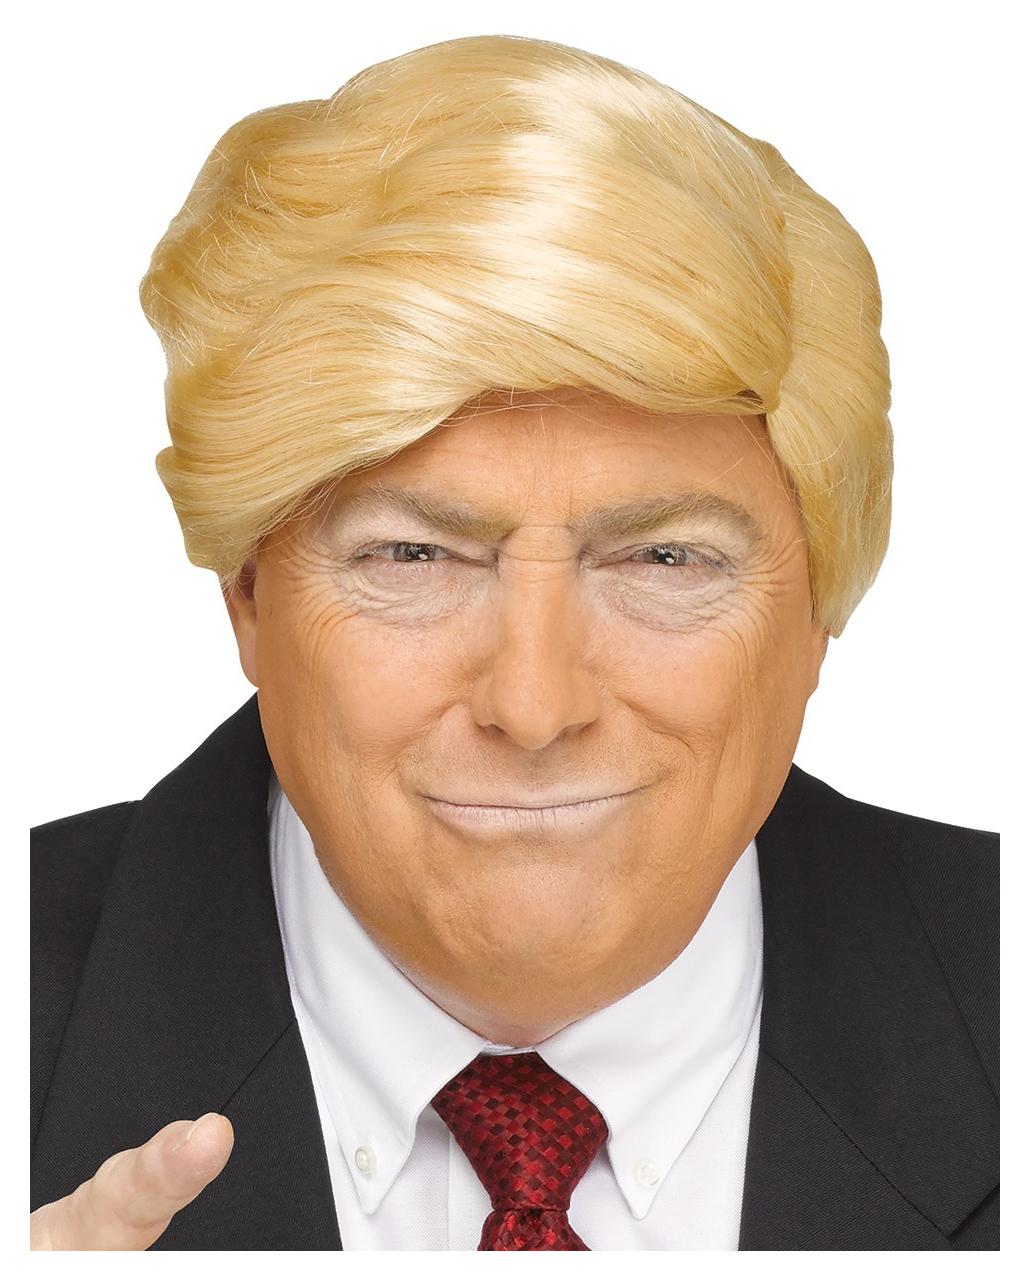 Trump Perucke